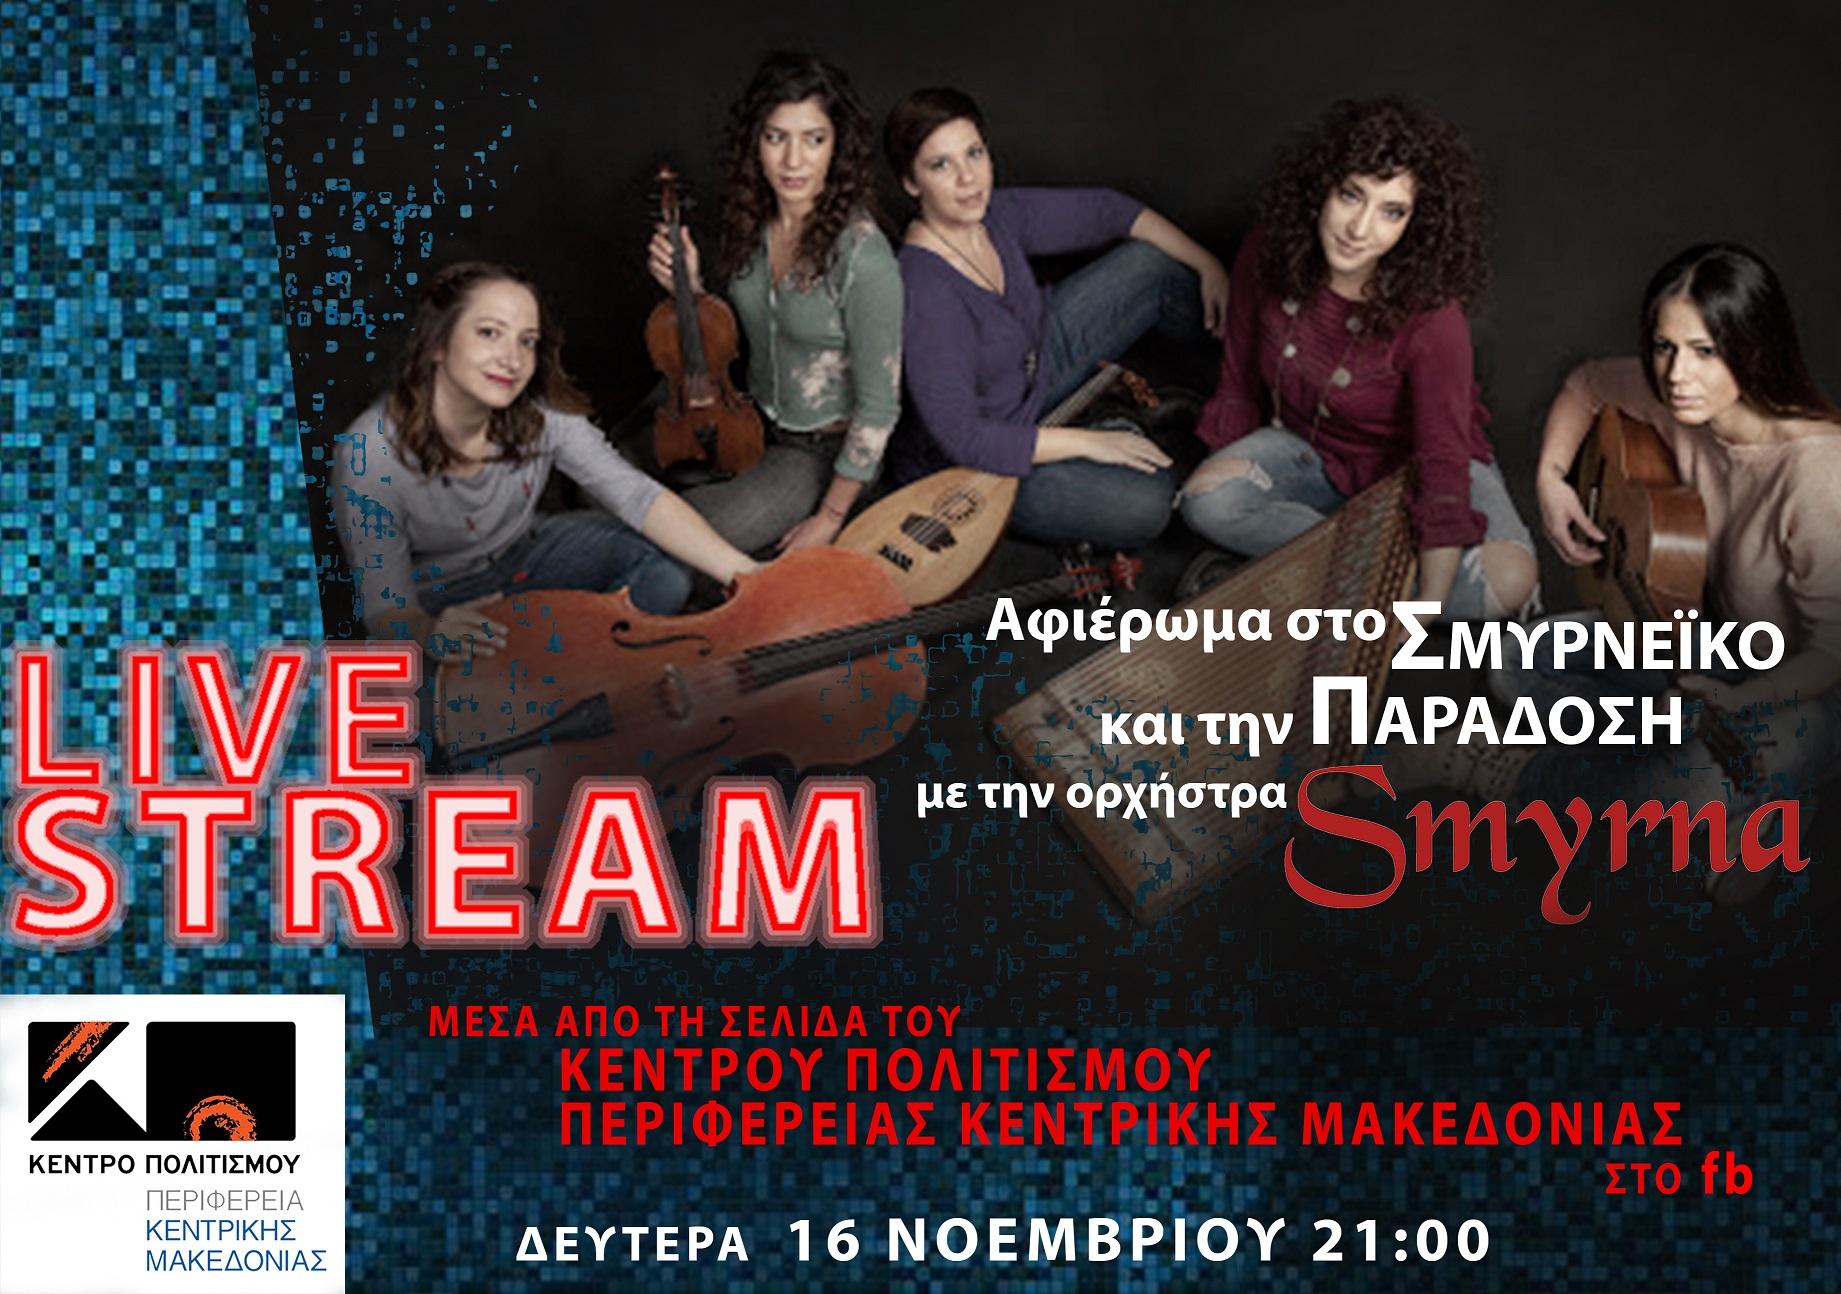 3o_smyrna2_002.jpg